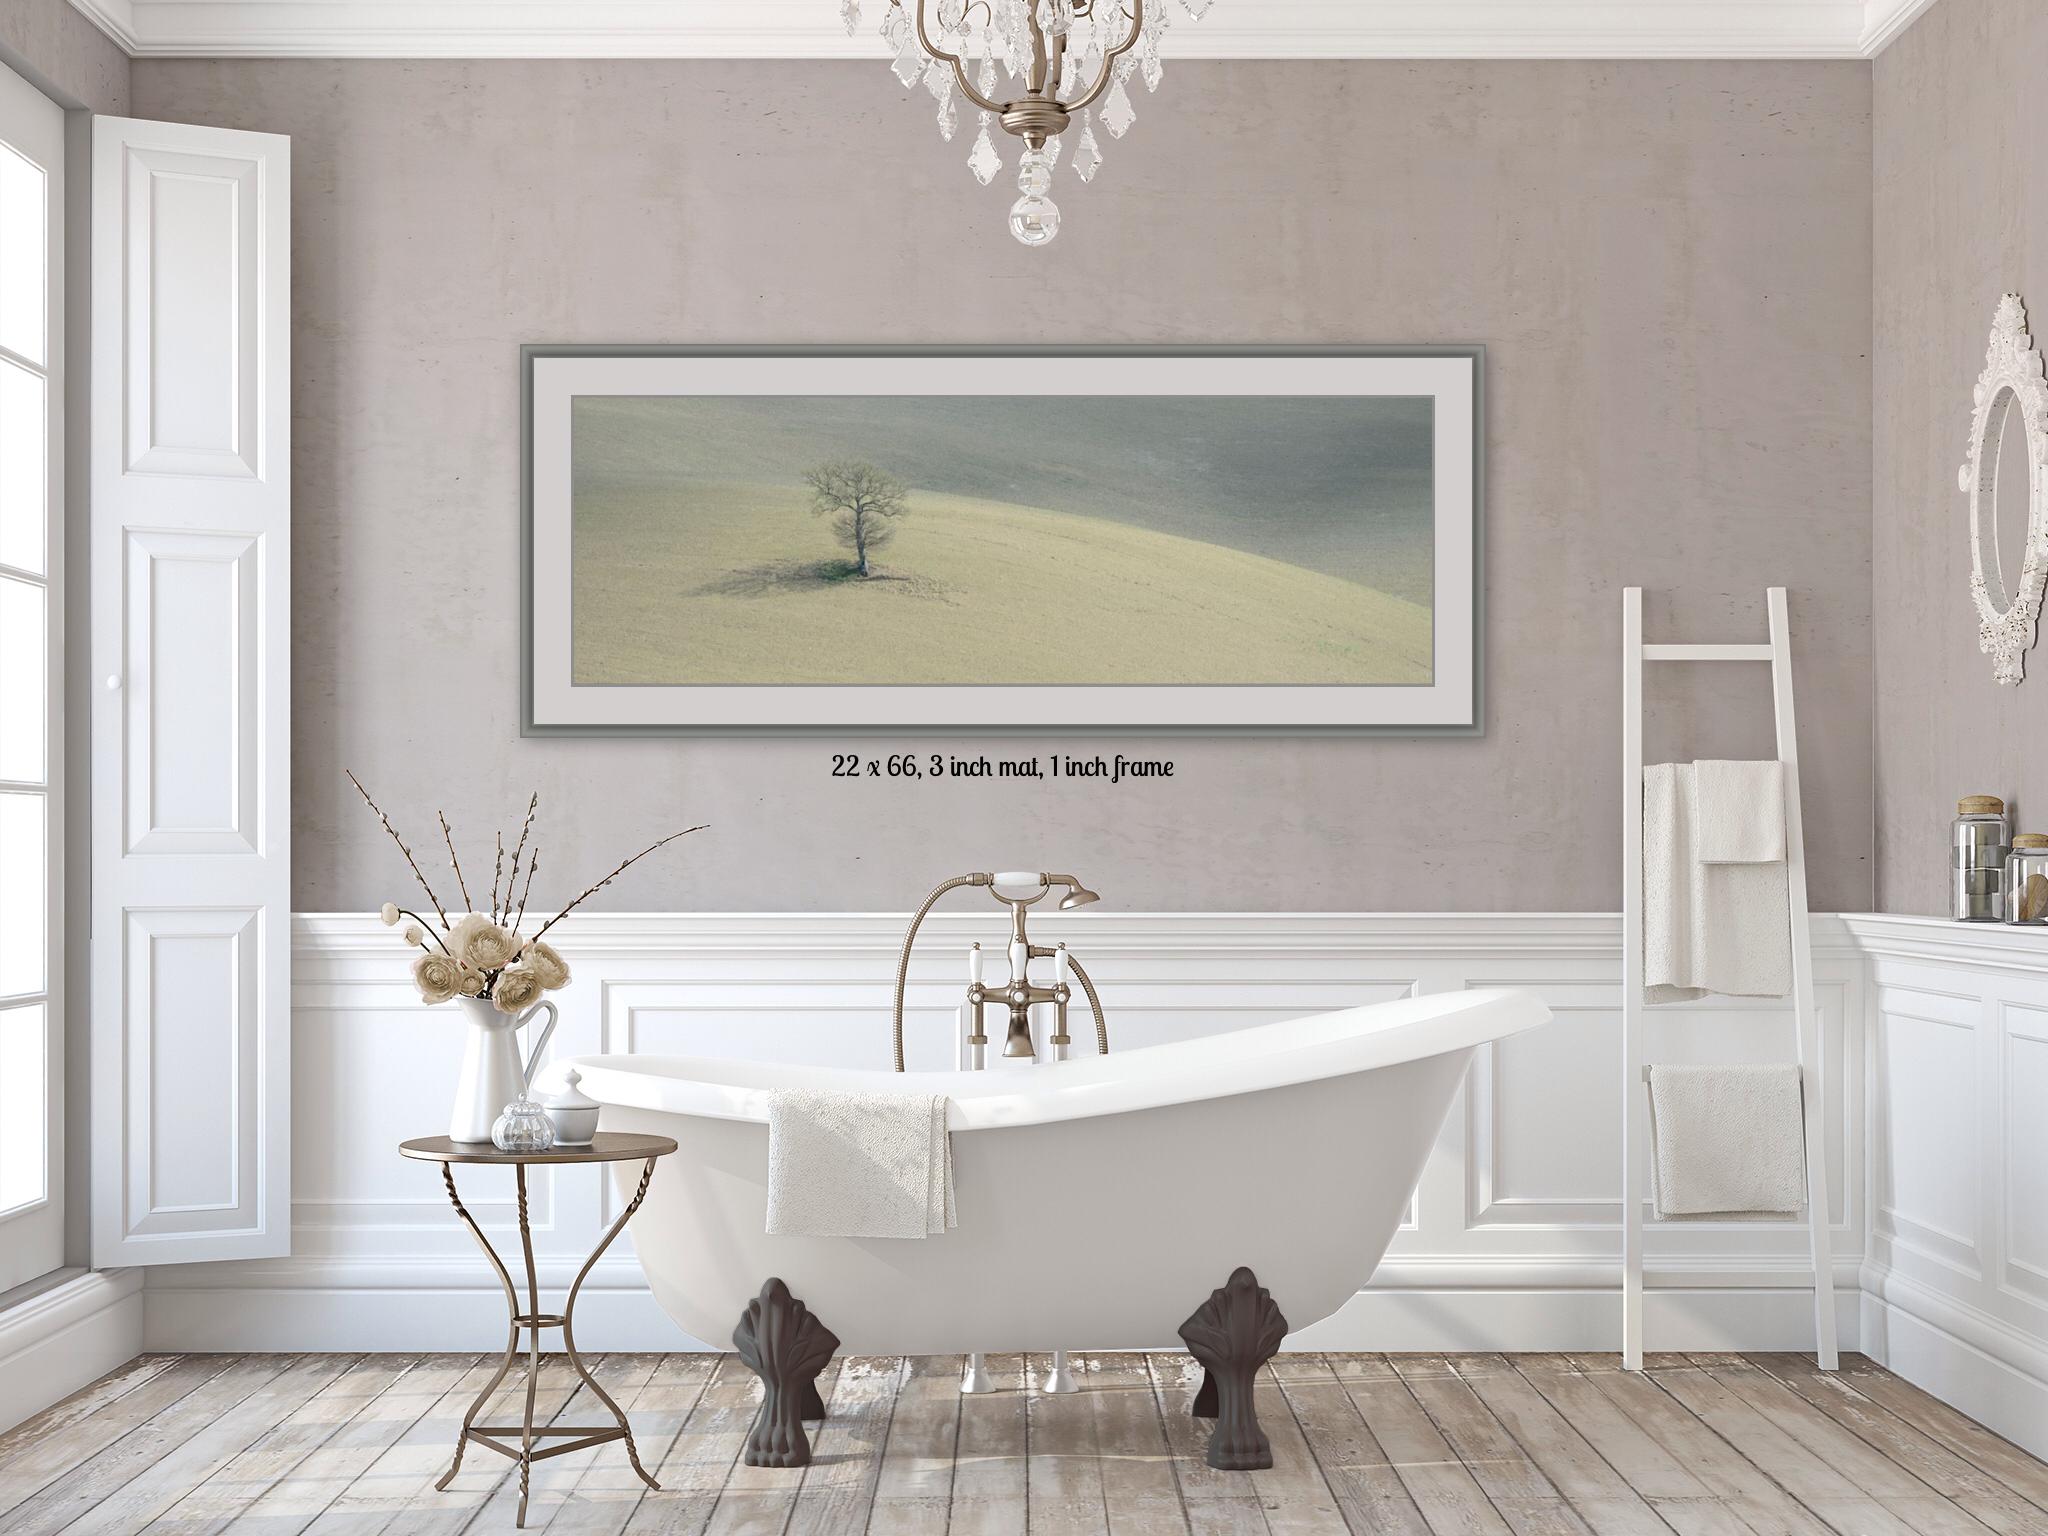 Exemple d'une de mes photographies de la Toscane dans une salle de bain.